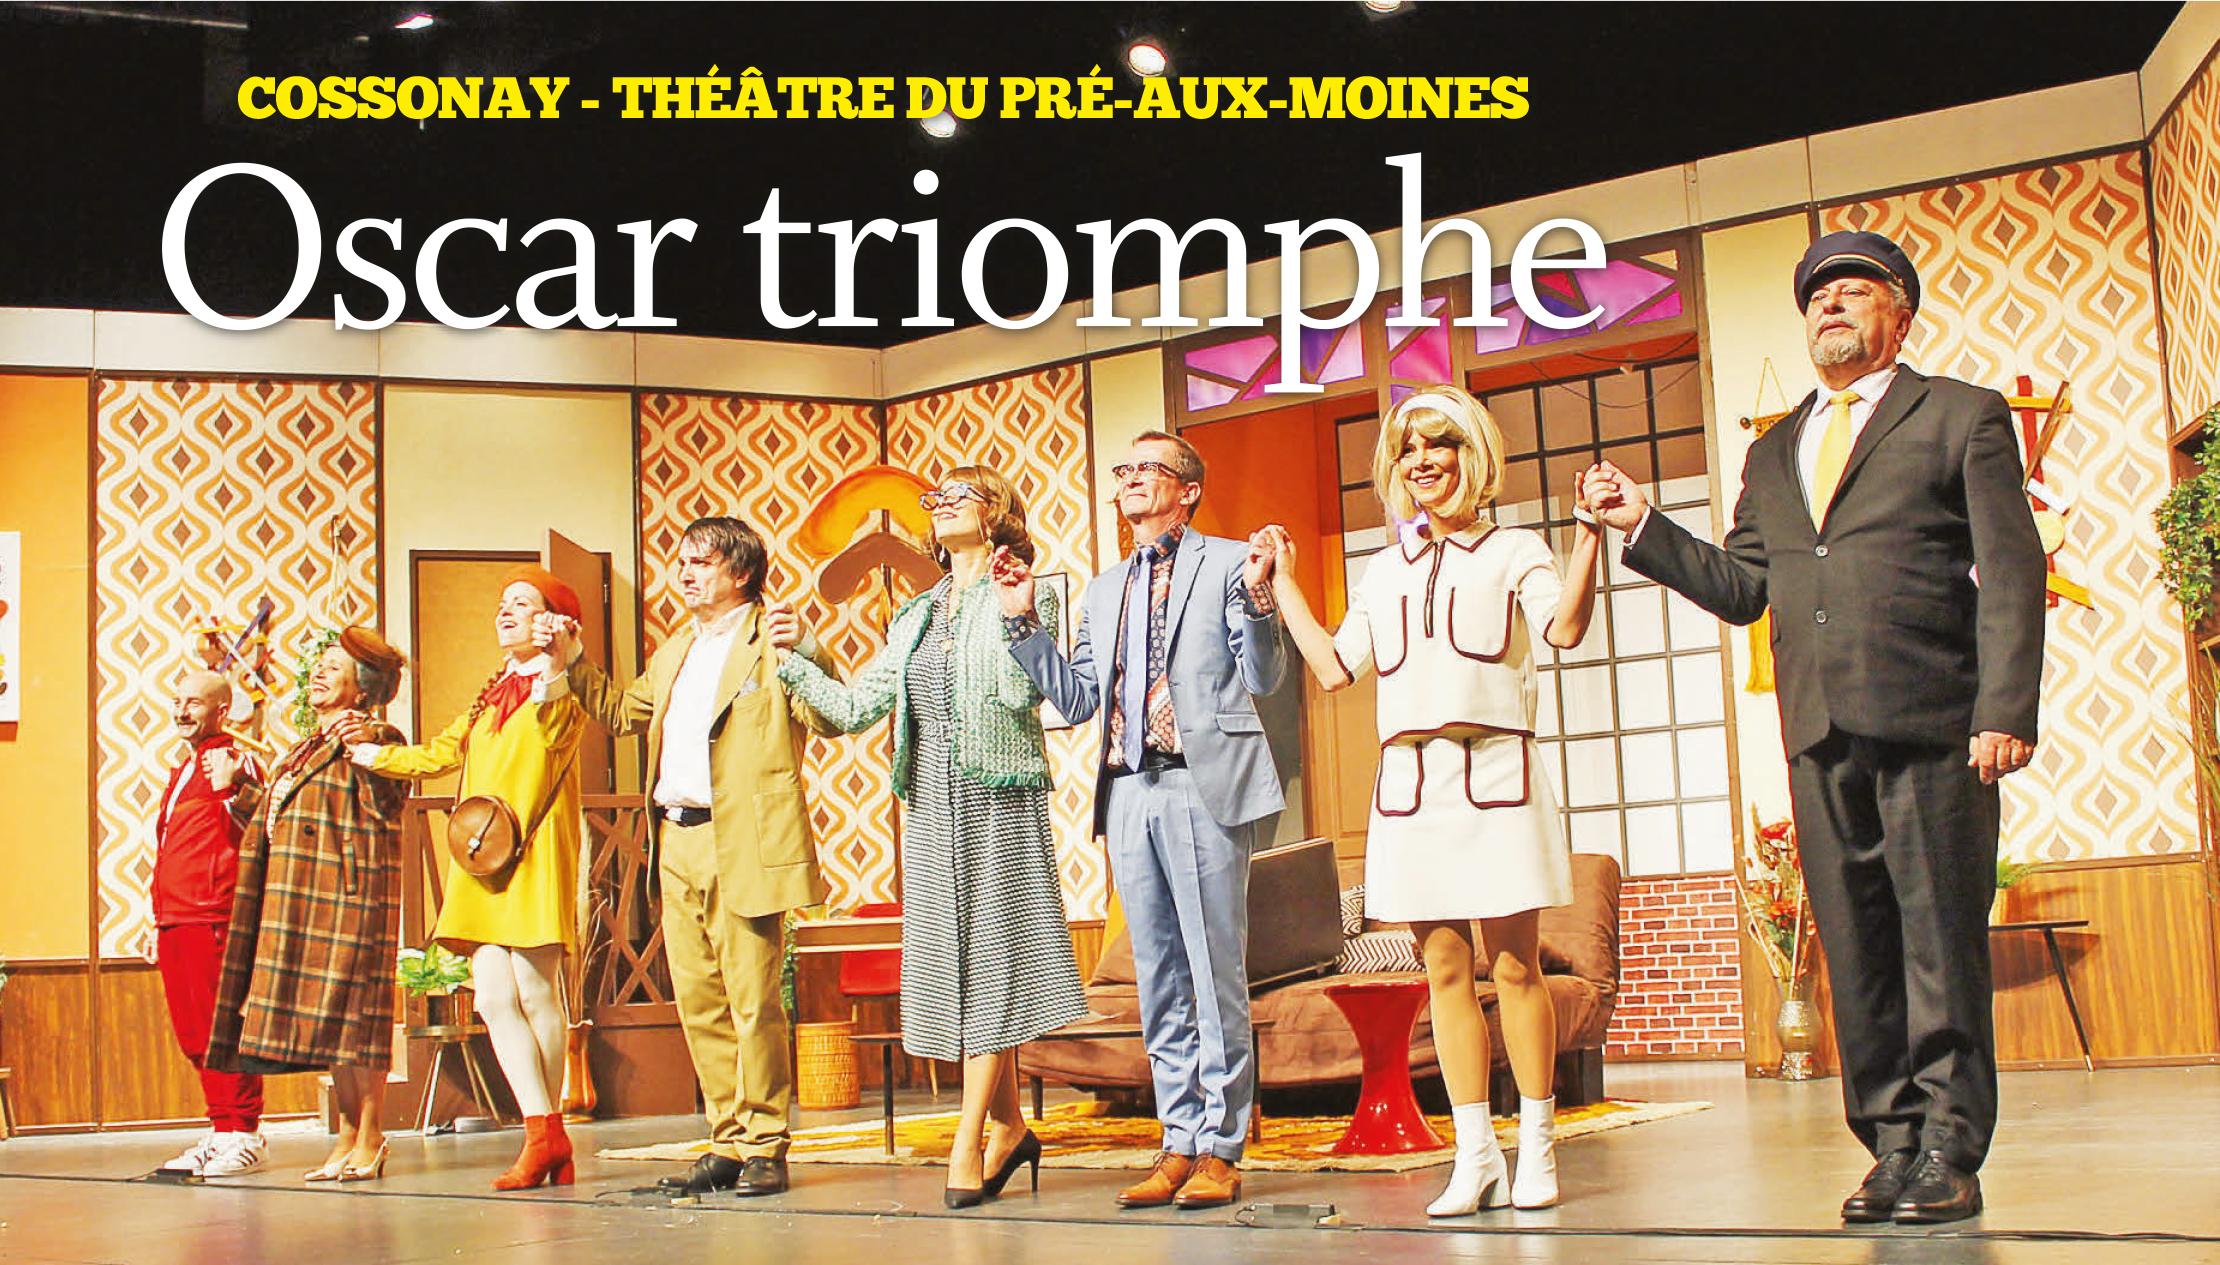 Cossonay – Théâtre du Pré-aux-Moines – Oscar triomphe